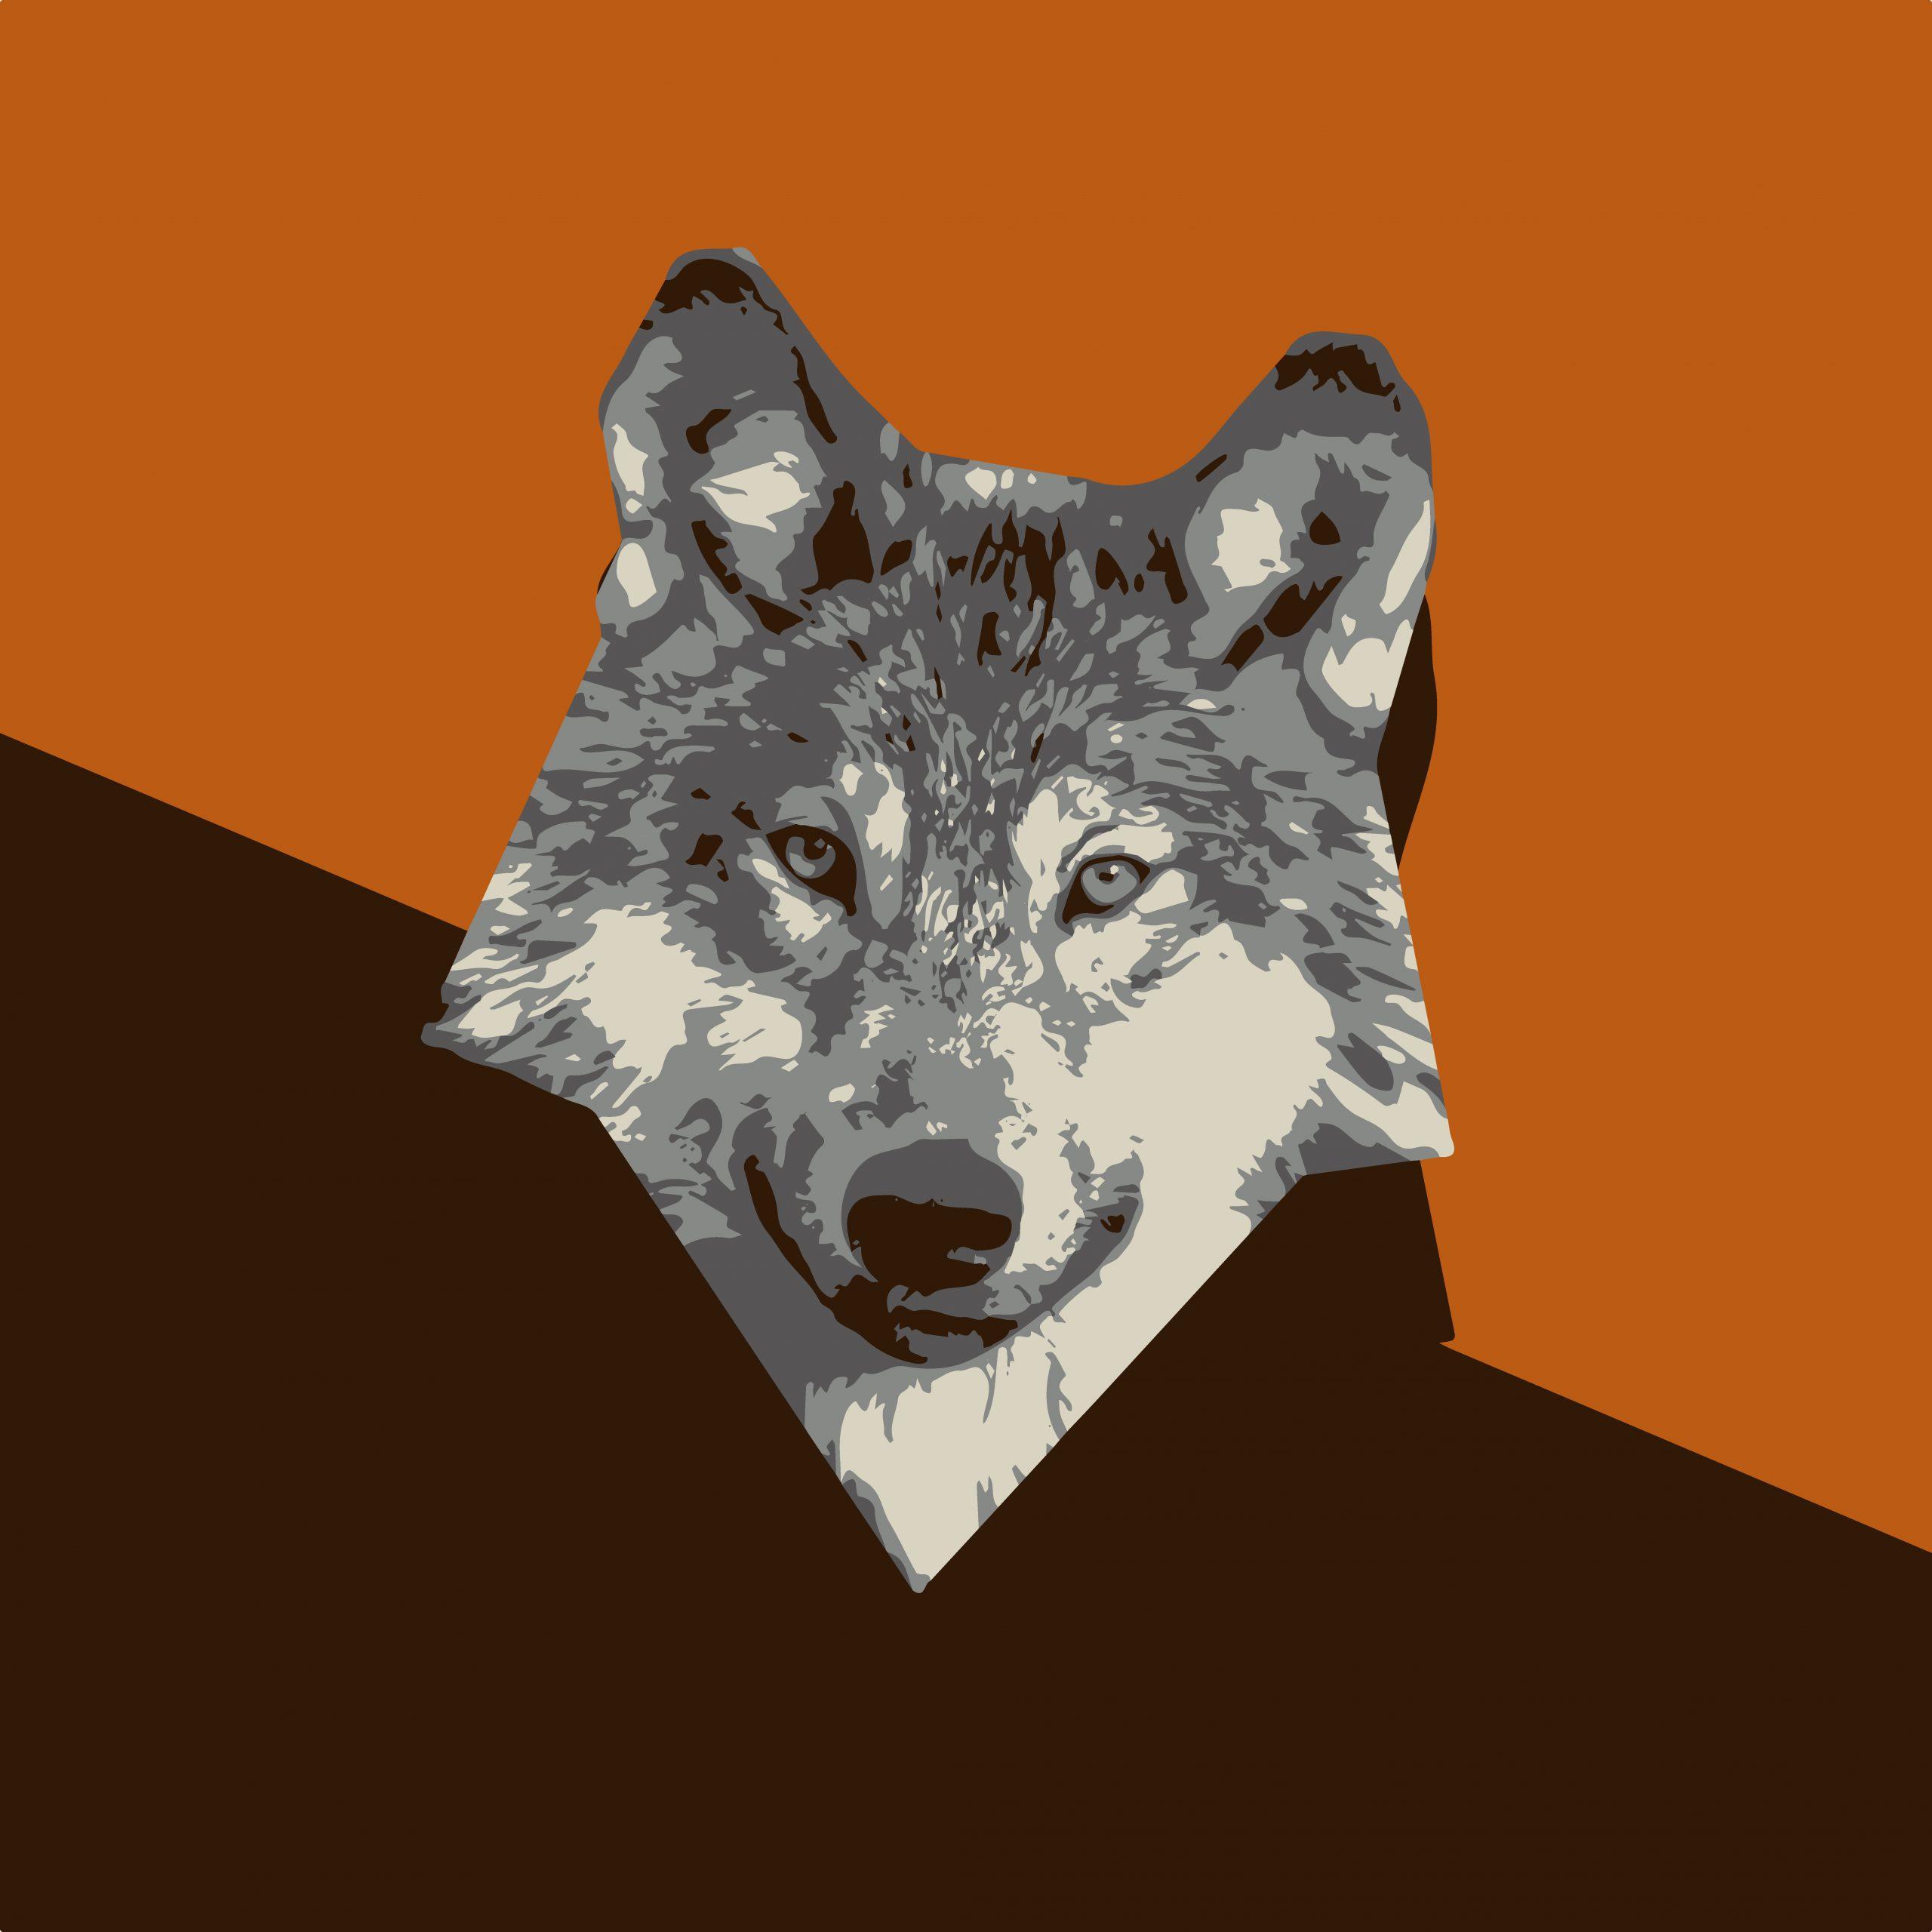 ILLUSTRATION of fox face